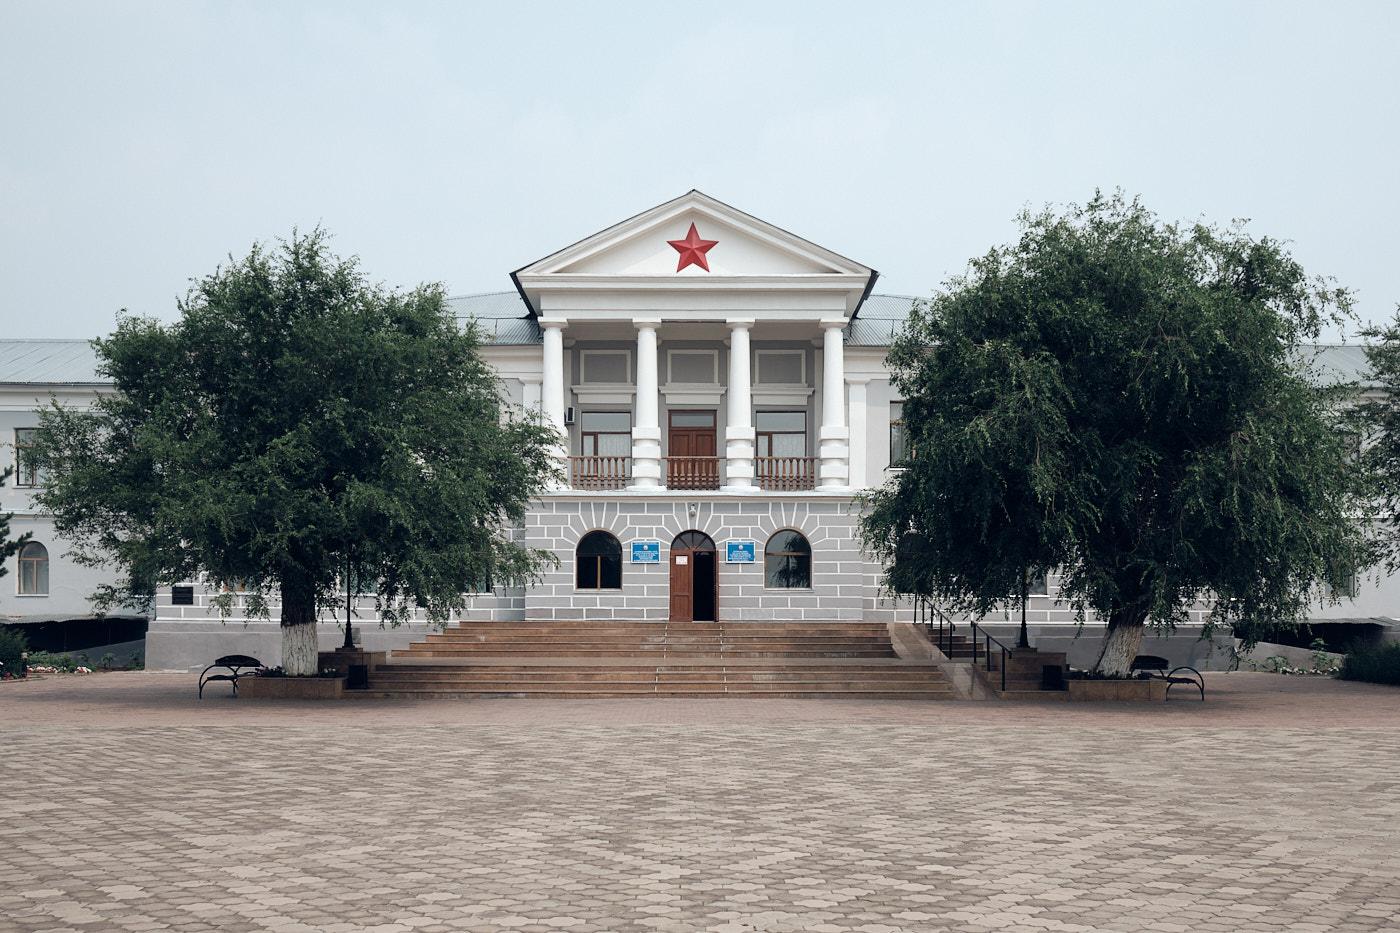 Transit durch Kasachstan - Das ehemalige Hauptverwaltungsgebäude von Karlag in Dolinka, einem der größten sowjetischen Gulag-Arbeitslager, ist heute ein Museum.